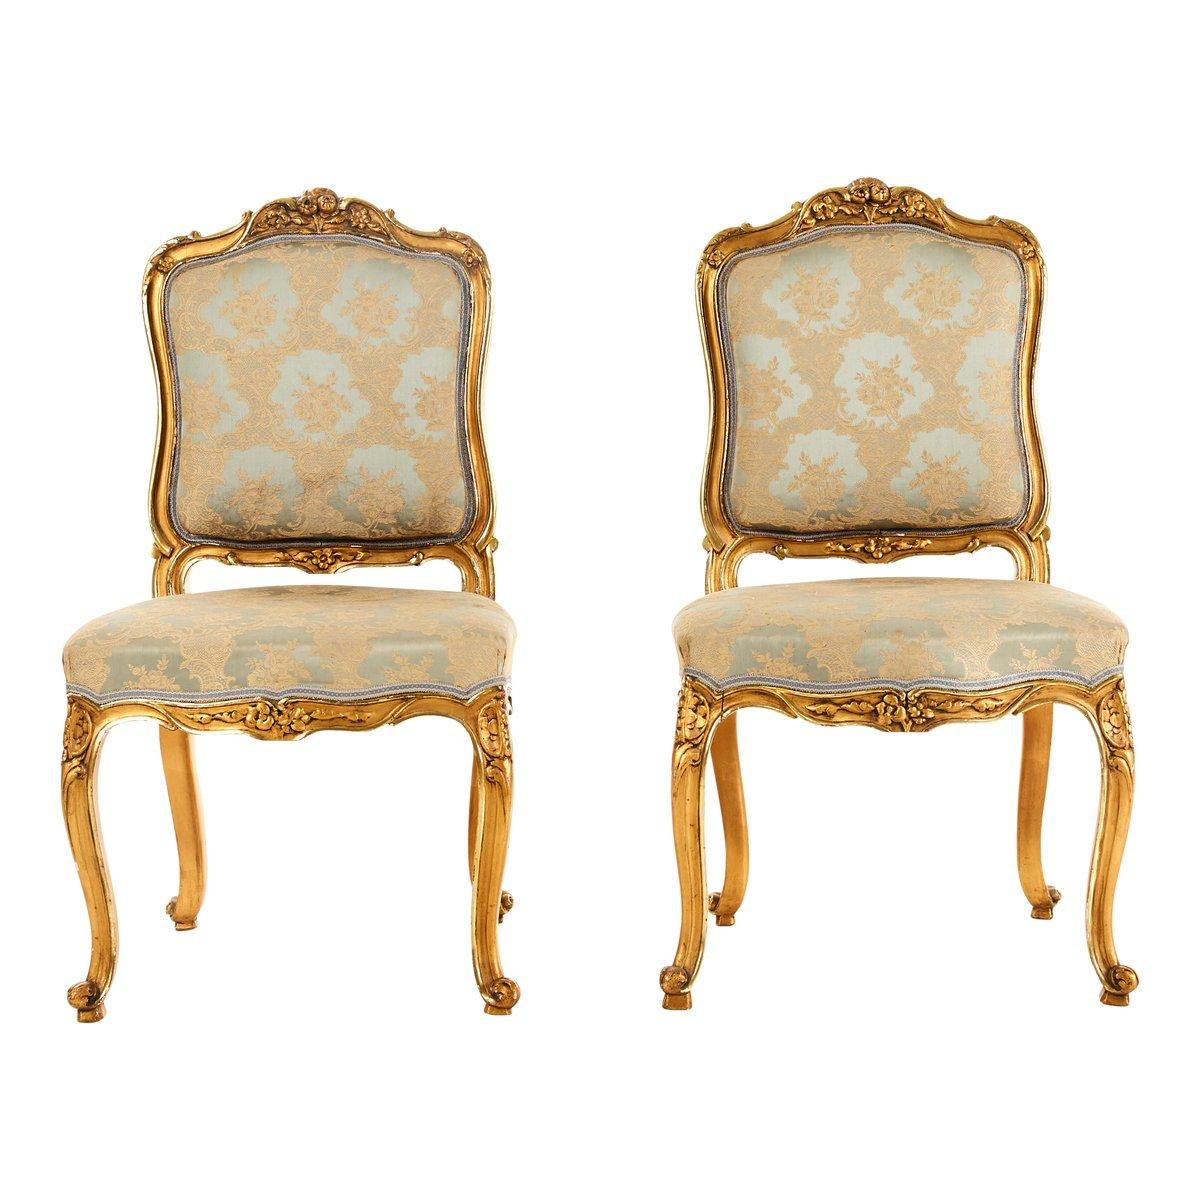 Chaises Antiques Style Louis XV, Set de 2 en vente sur Pamono